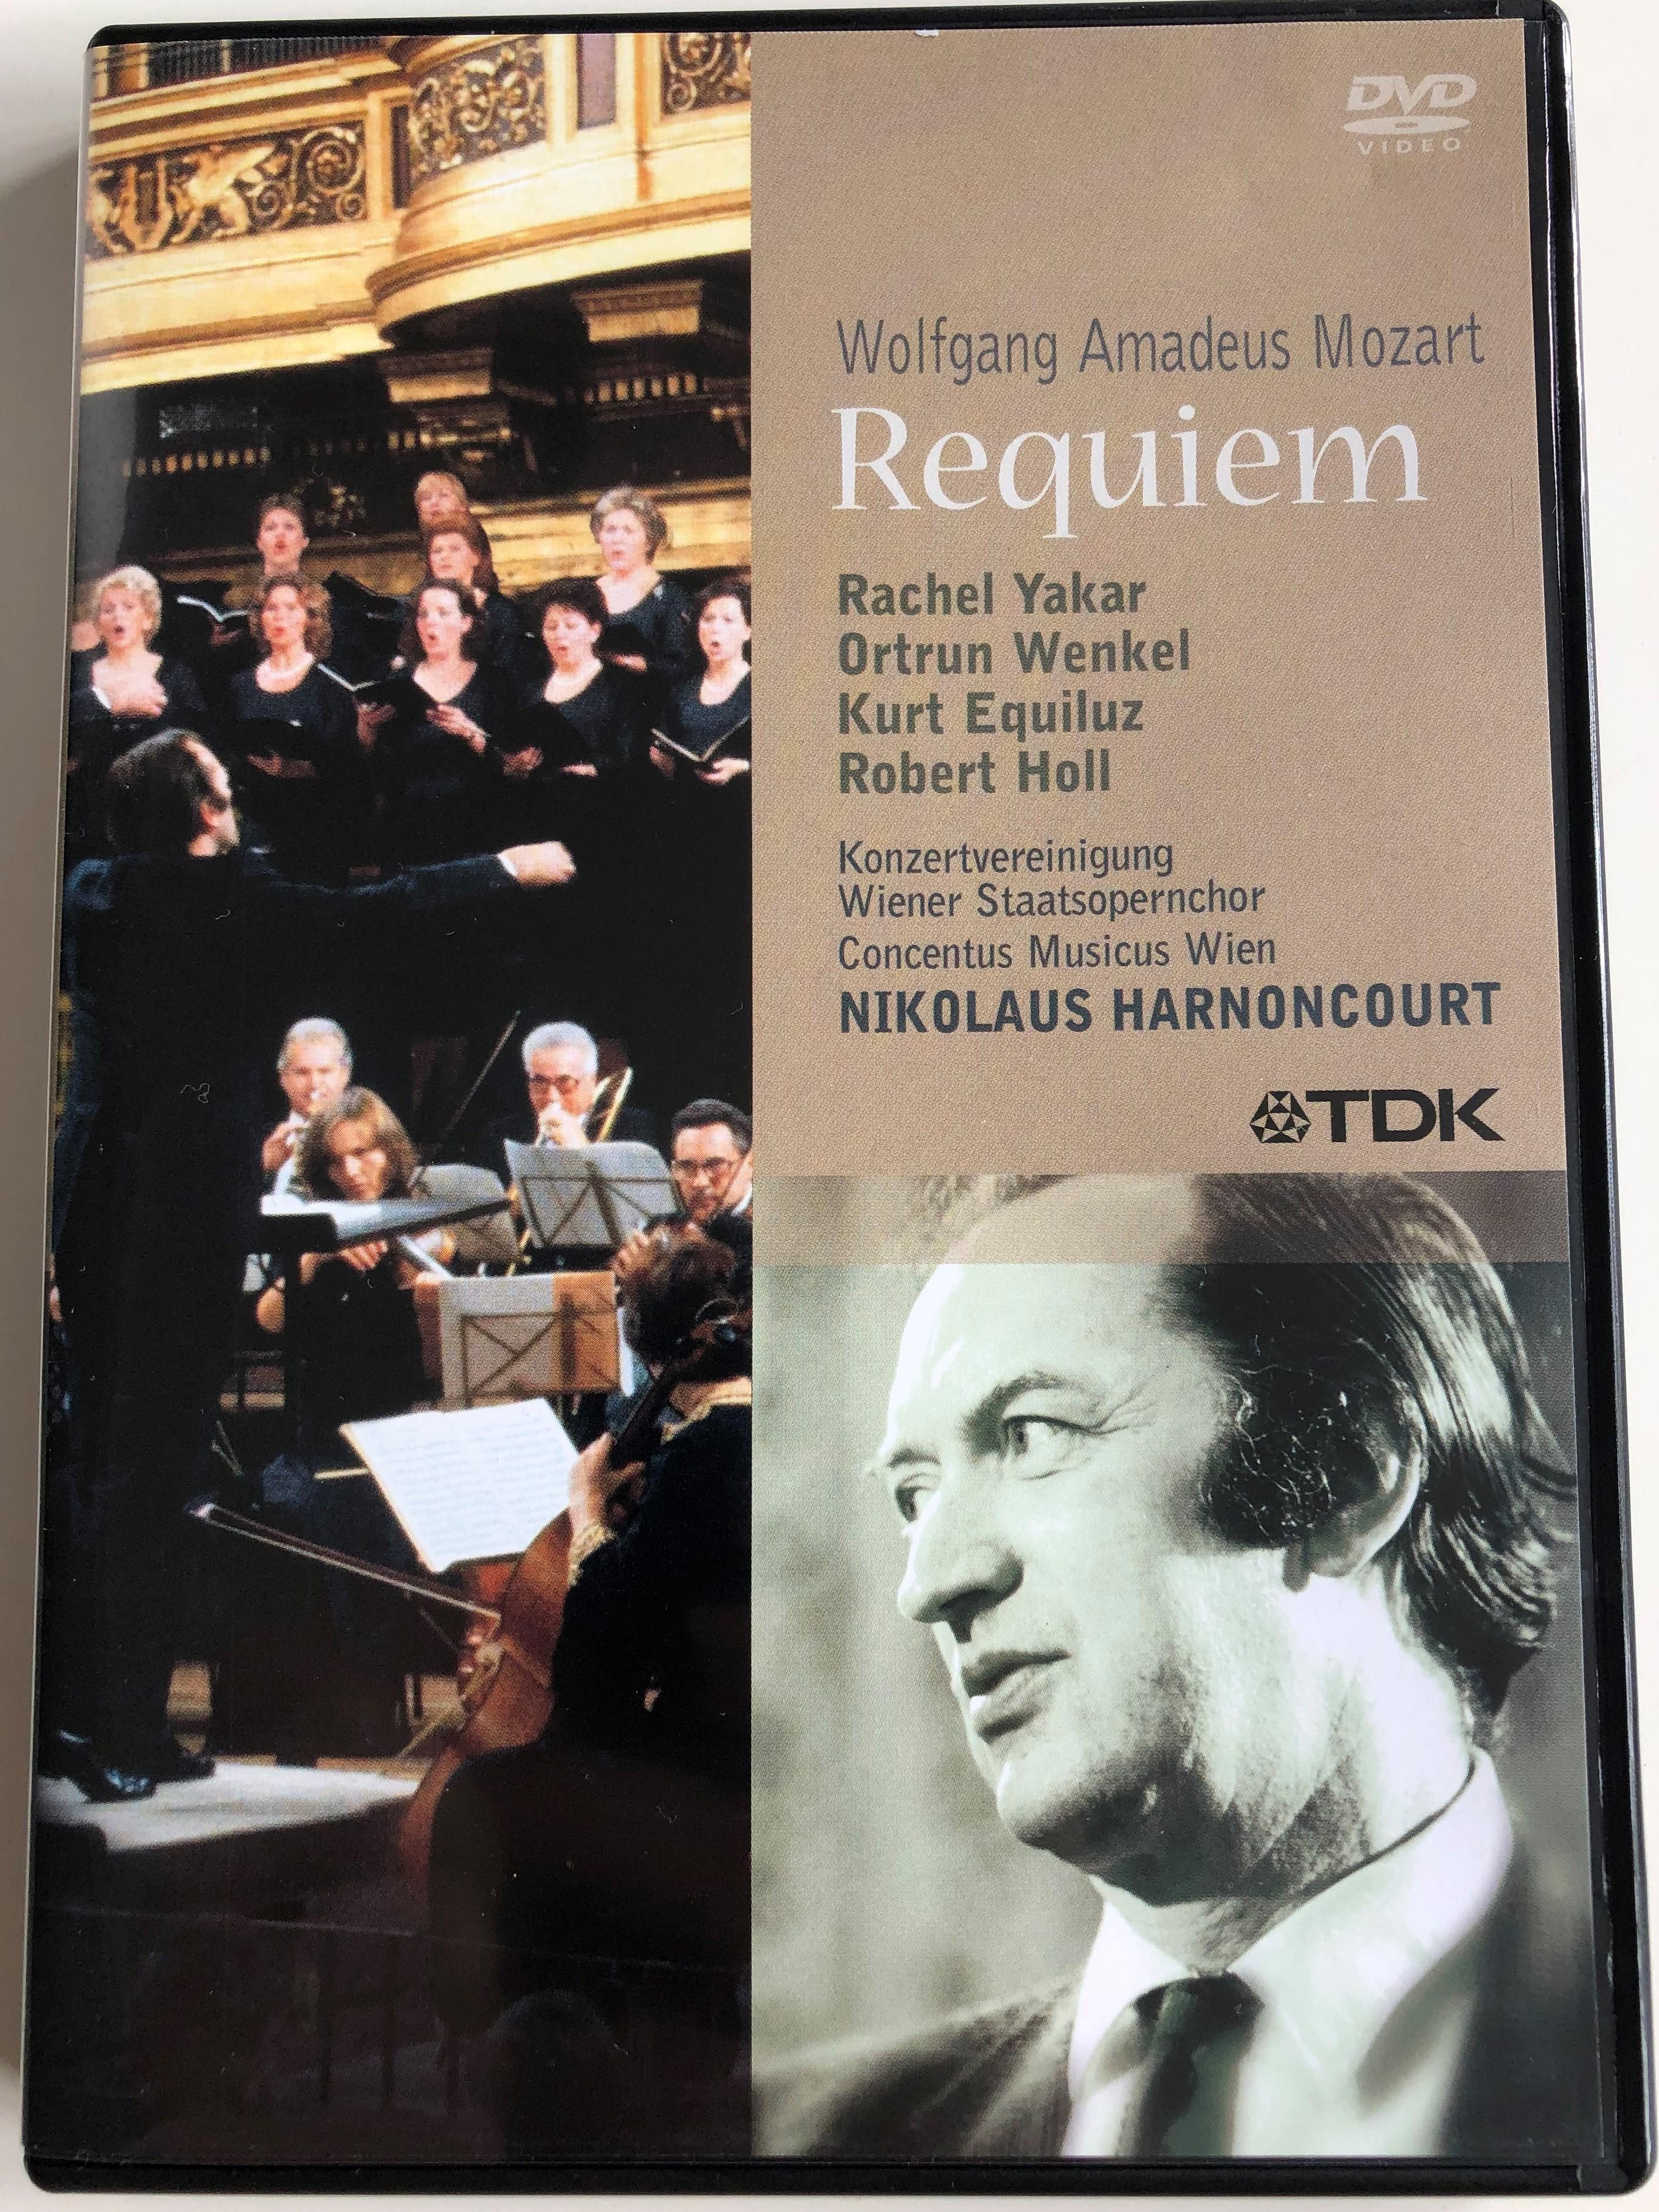 wolfgang-amadeus-mozart-requiem-dvd-2006-rachel-yakar-soprano-ortrun-wenkel-contralto-kurt-equiluz-tenor-robert-holl-bass-vienna-state-opera-choir-concentus-musicus-wien-nikolaus-harnocourt-live-recording-from-1981-1-.jpg